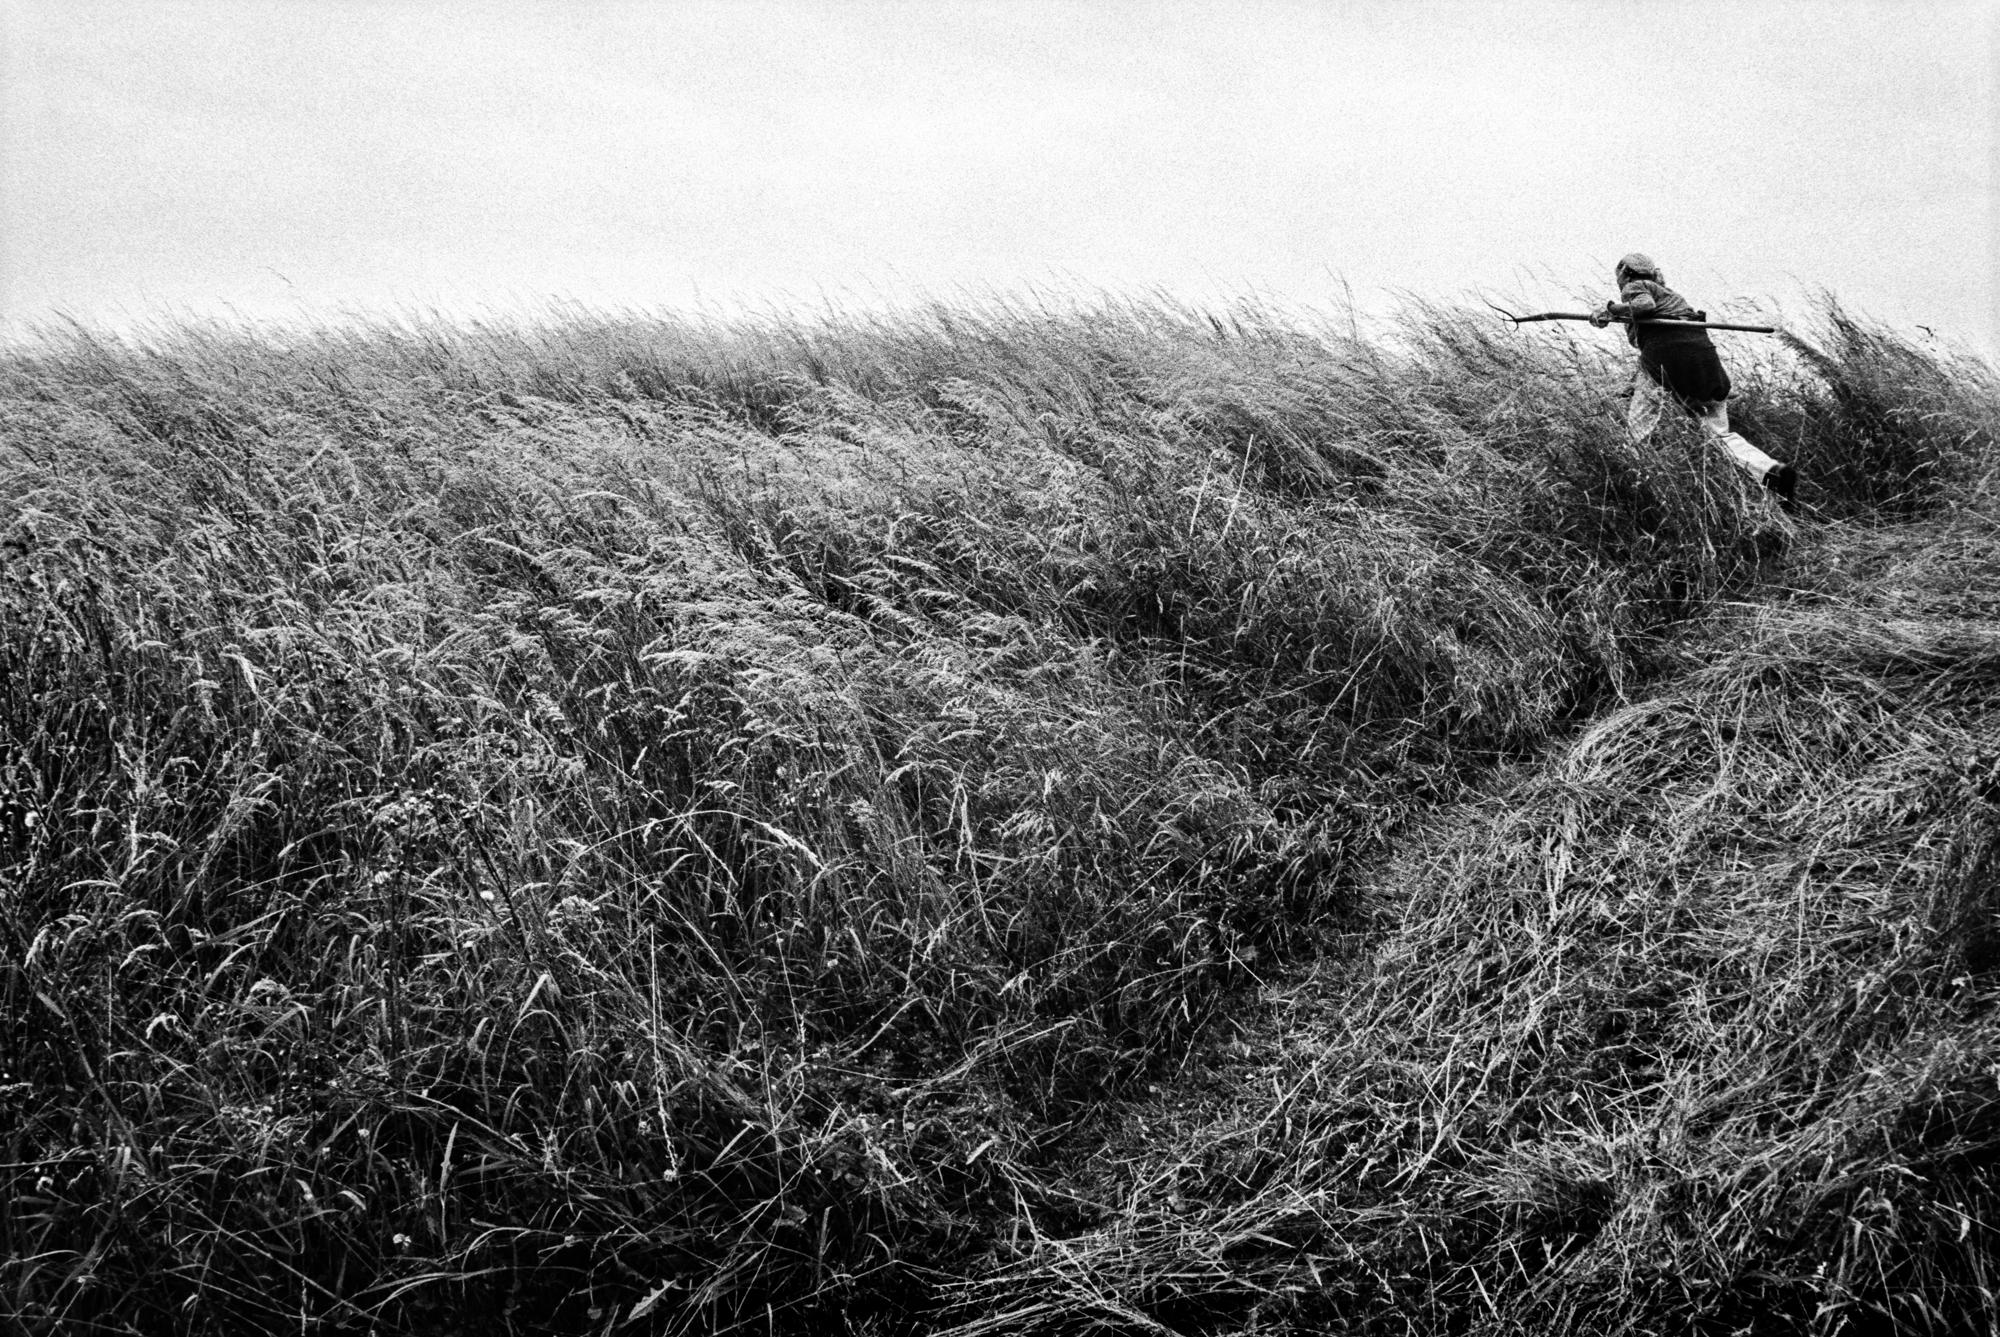 Photo Tomas Wuethrich, PPAF